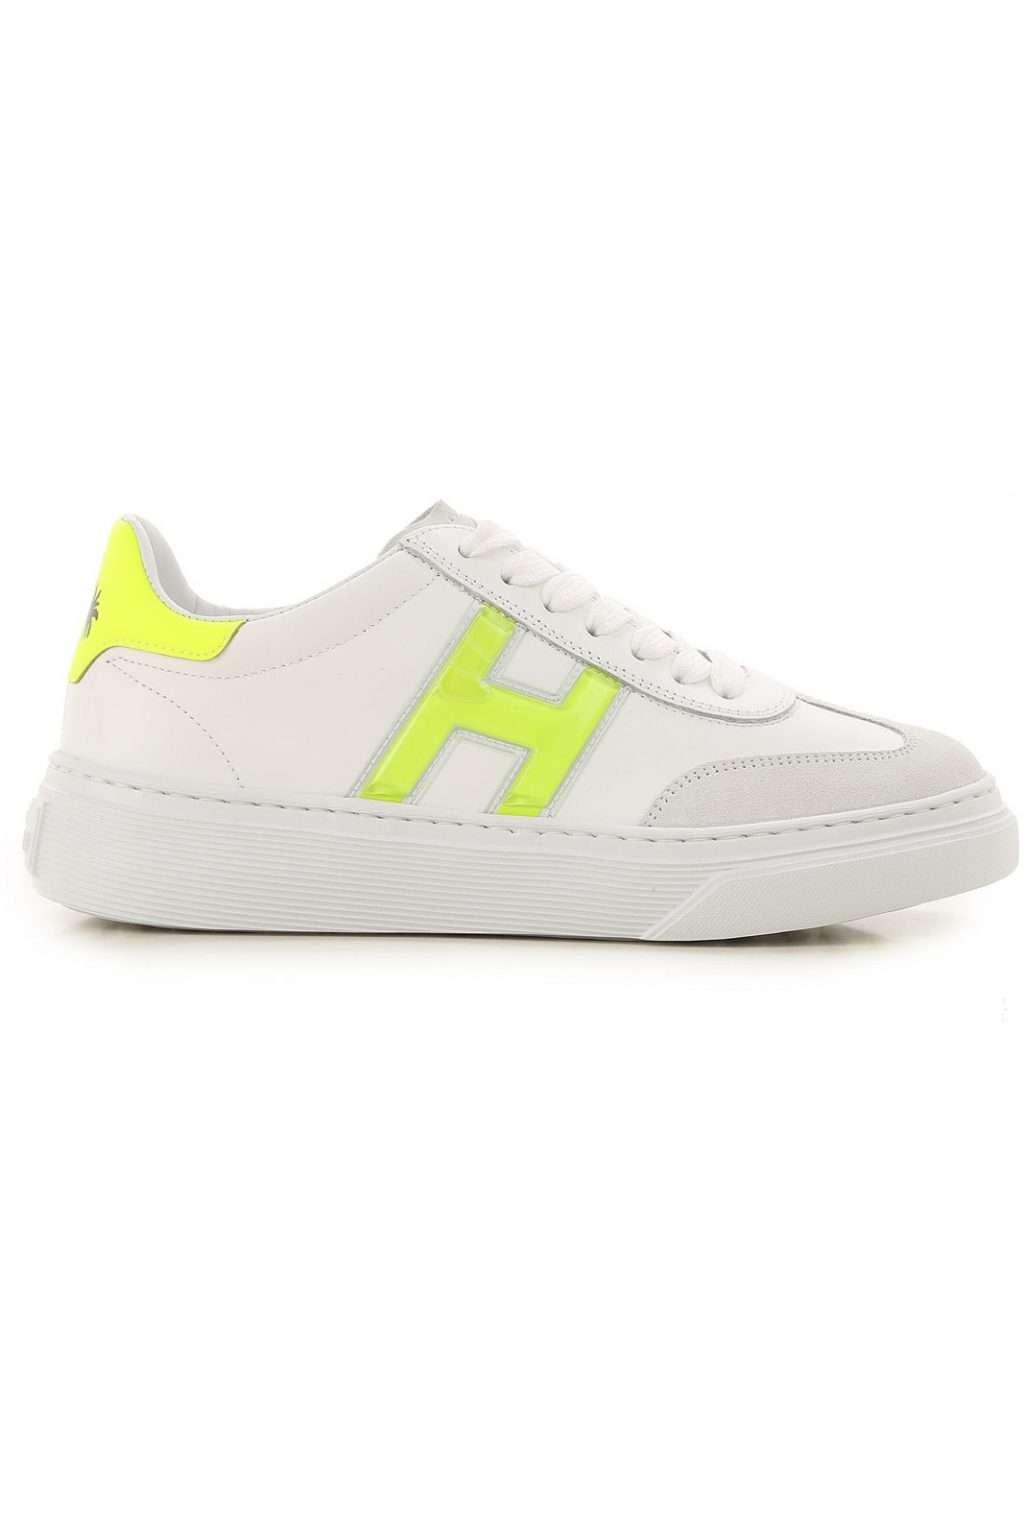 Hogan Sneakers Donna   Ultima Collezione   Parmax